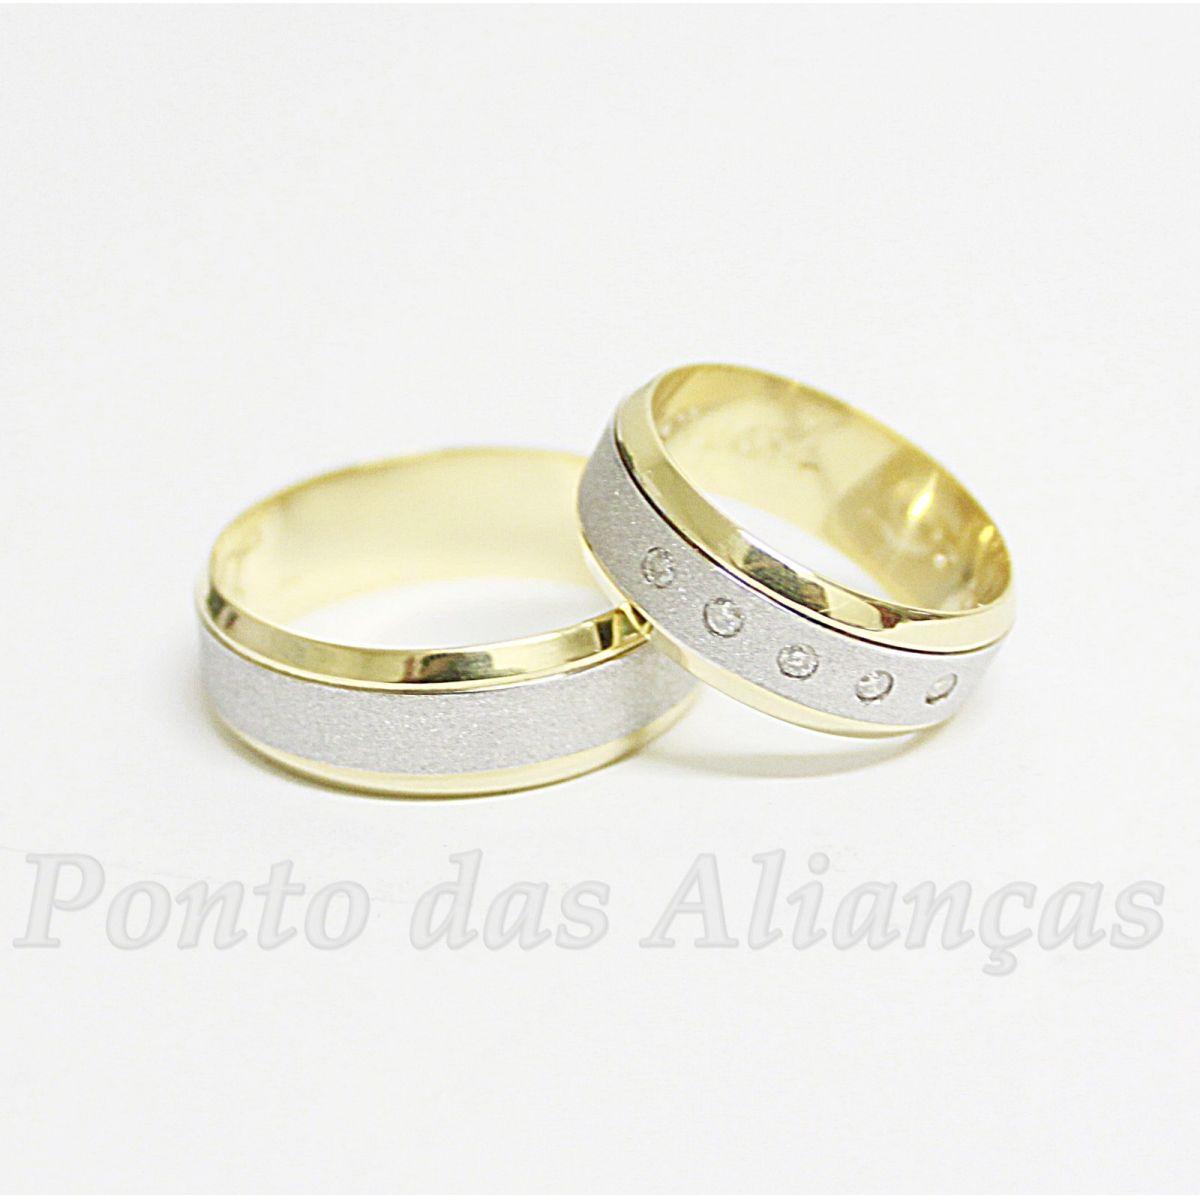 Alianças de Ouro Casamento ou Noivado - 529